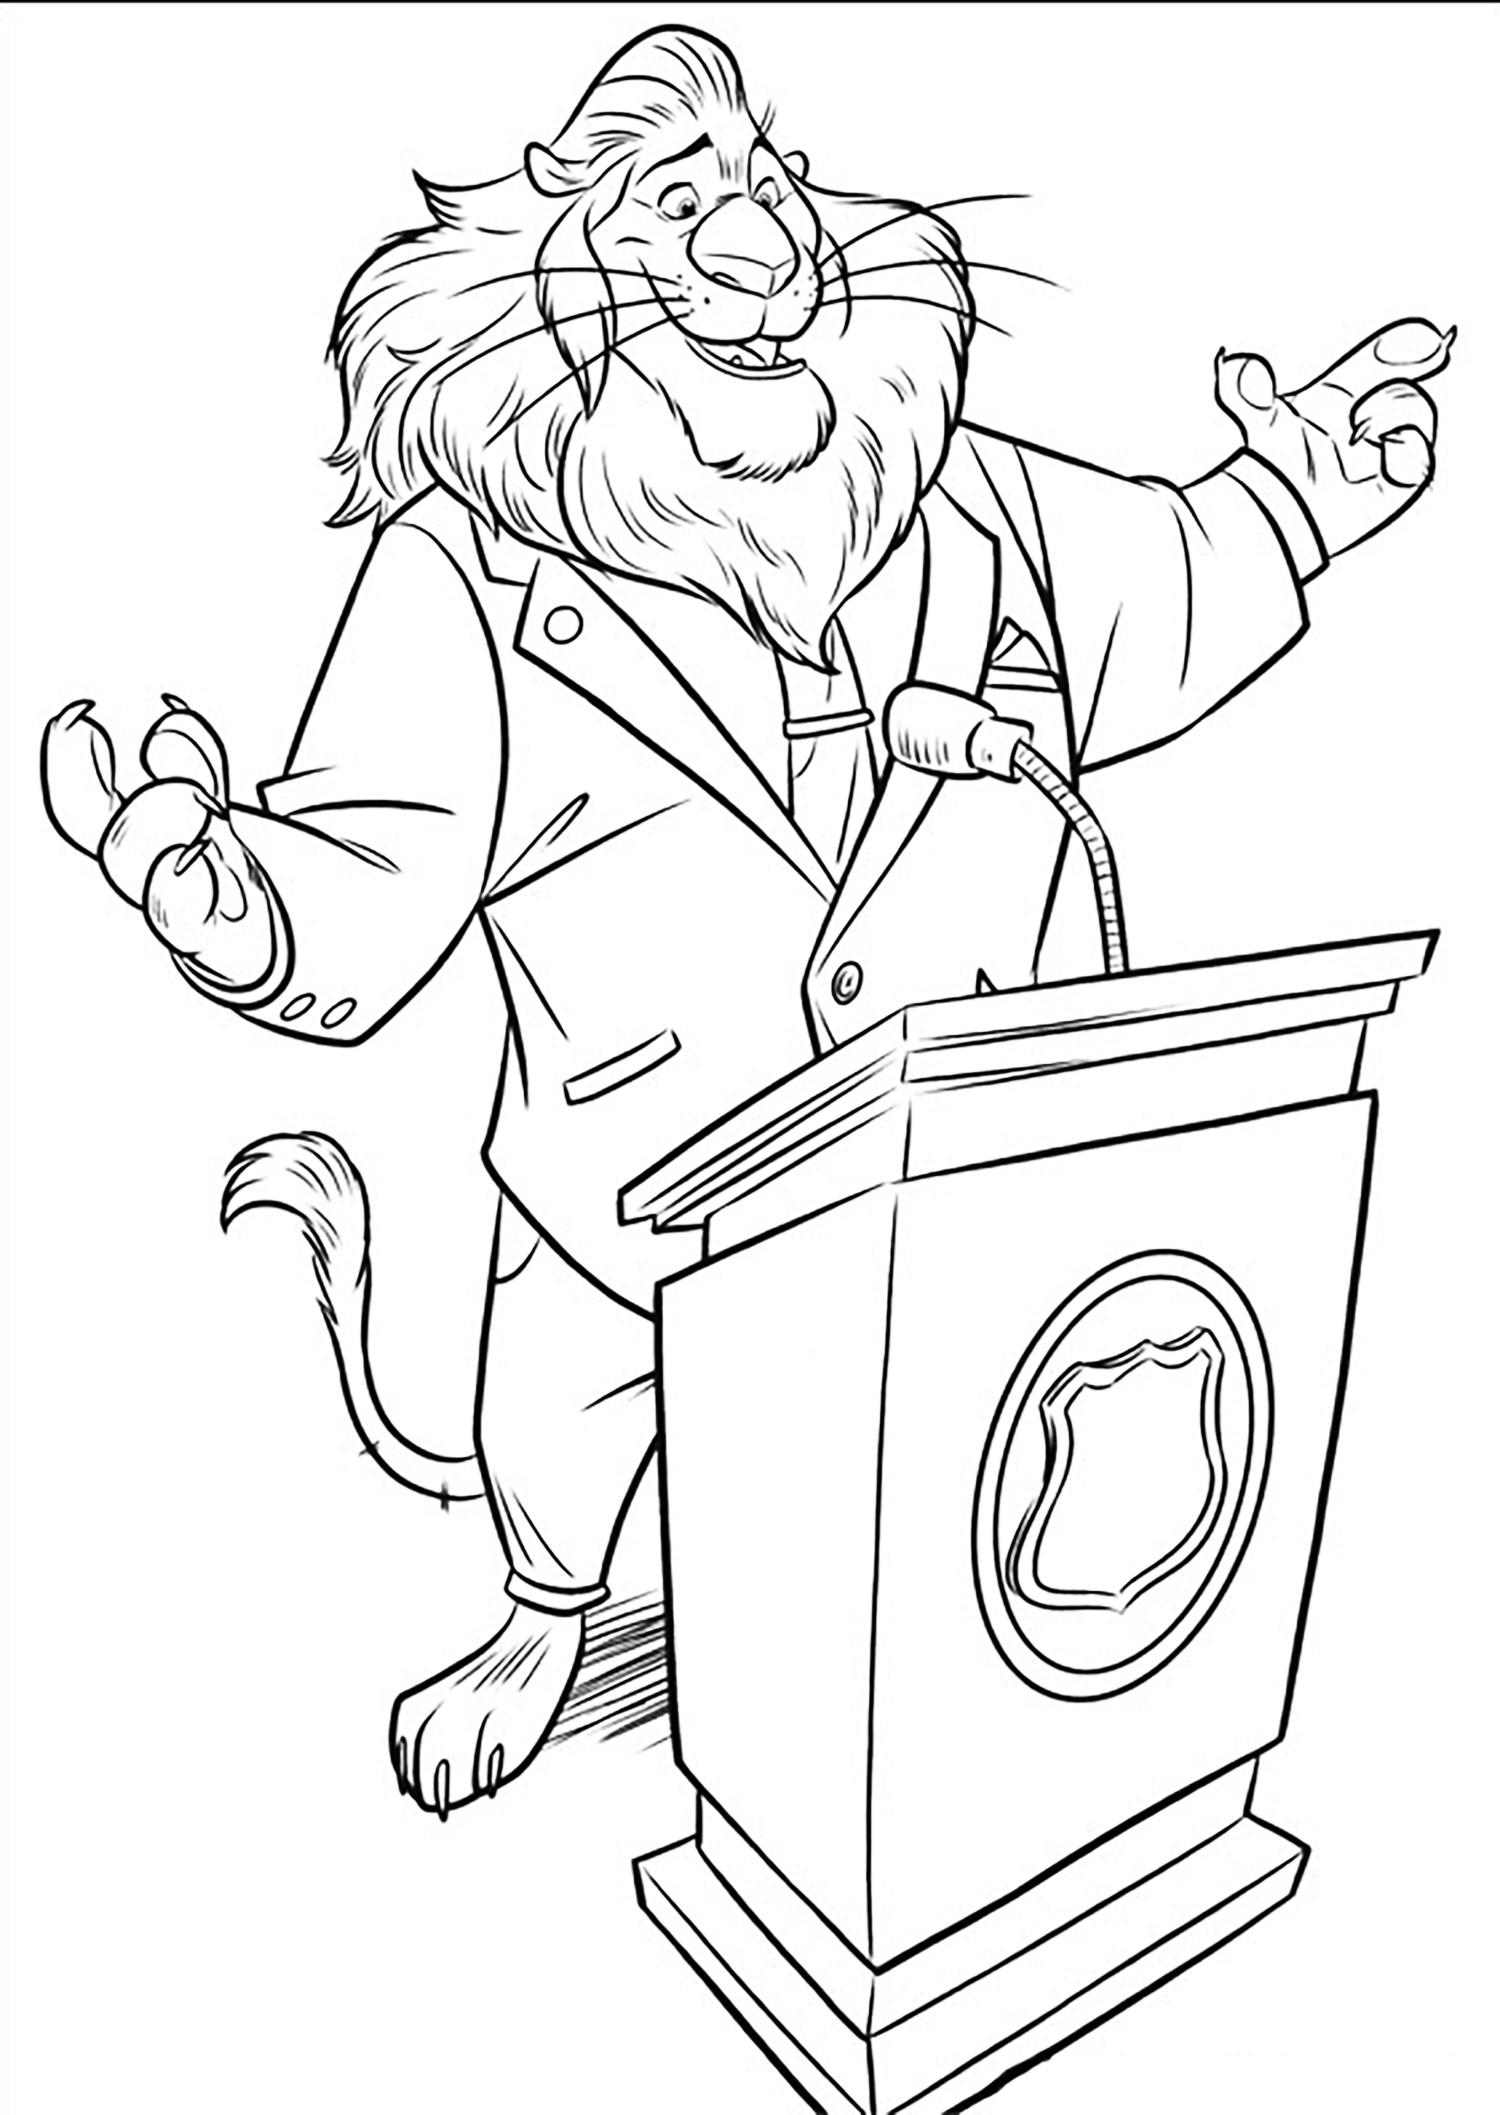 Le maire de la ville, qui n'est autre qu'un Lion, le Roi de la Jungle